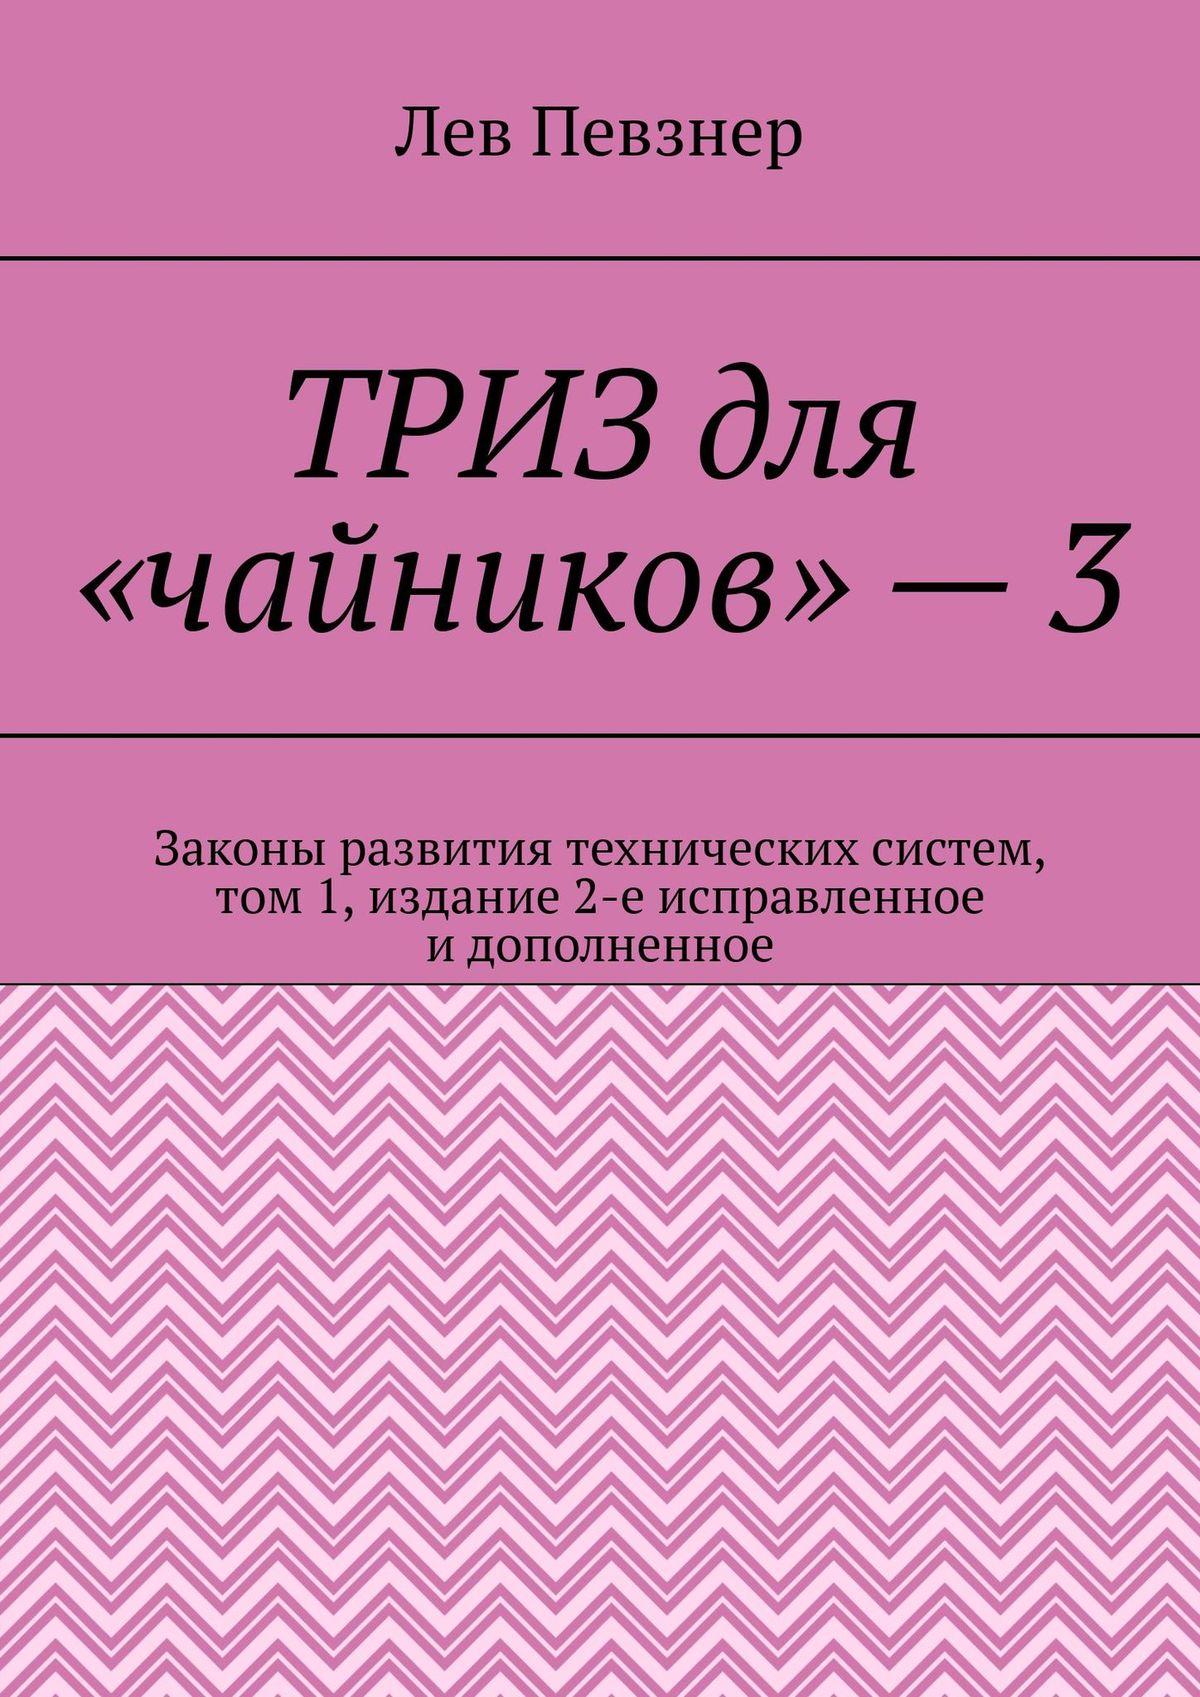 ТРИЗ для «чайников» – 3. Законы развития технических систем, том 1, издание 2-е исправленное и дополненное